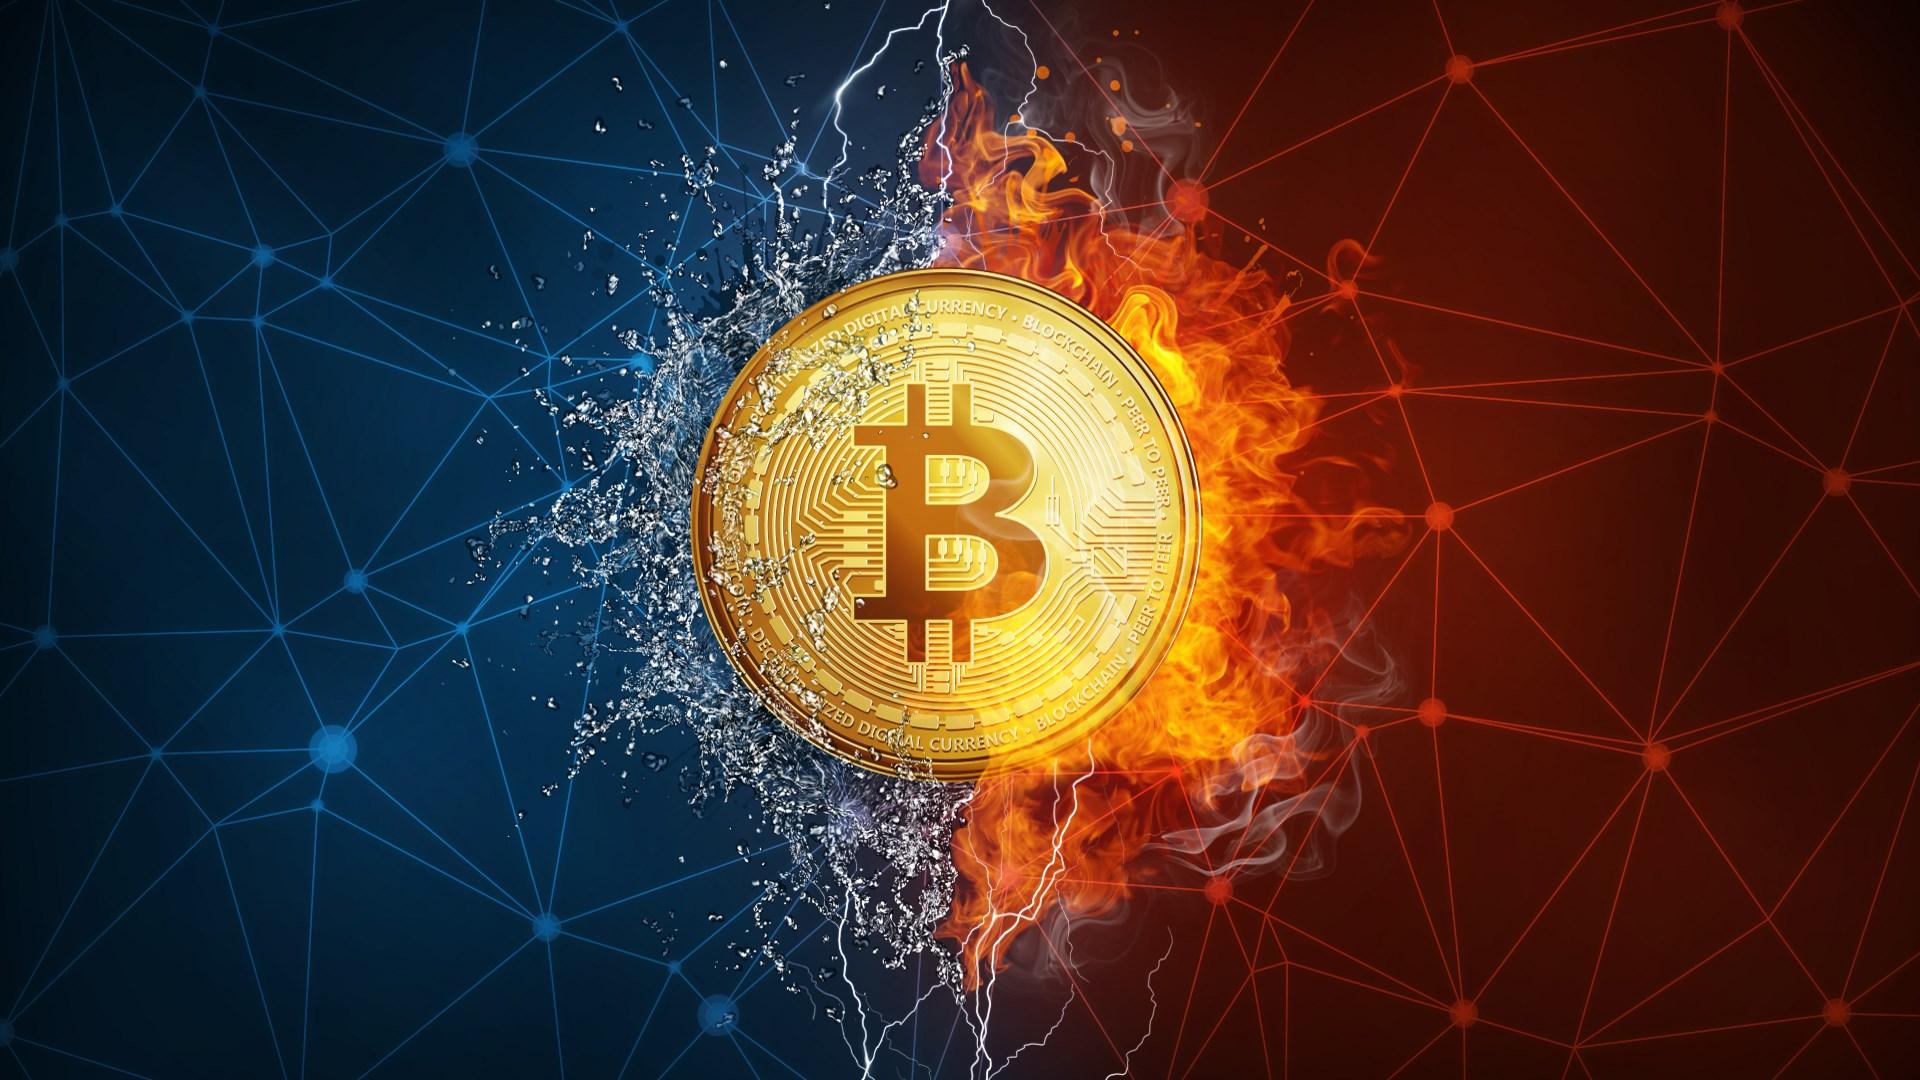 cum să obțineți bitcoin)